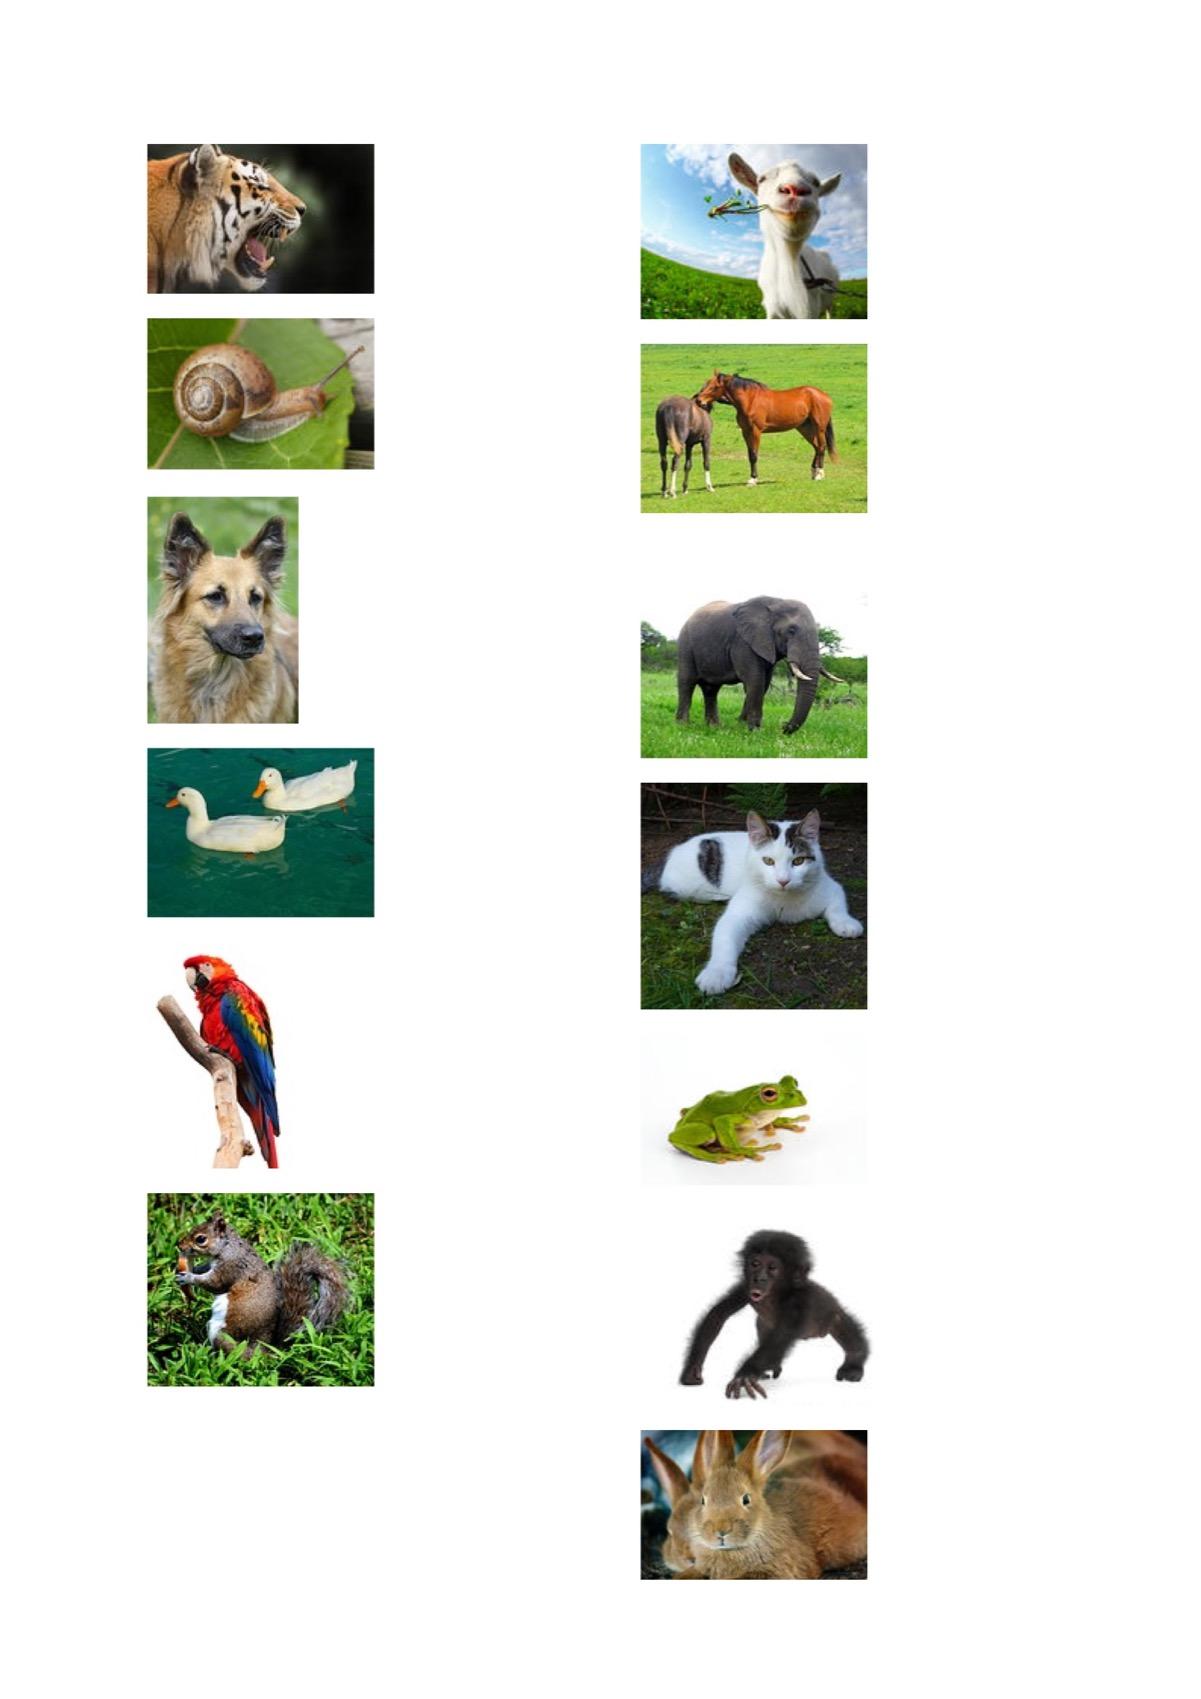 dativ und akkusativ mit futter und tieren ses madoonet